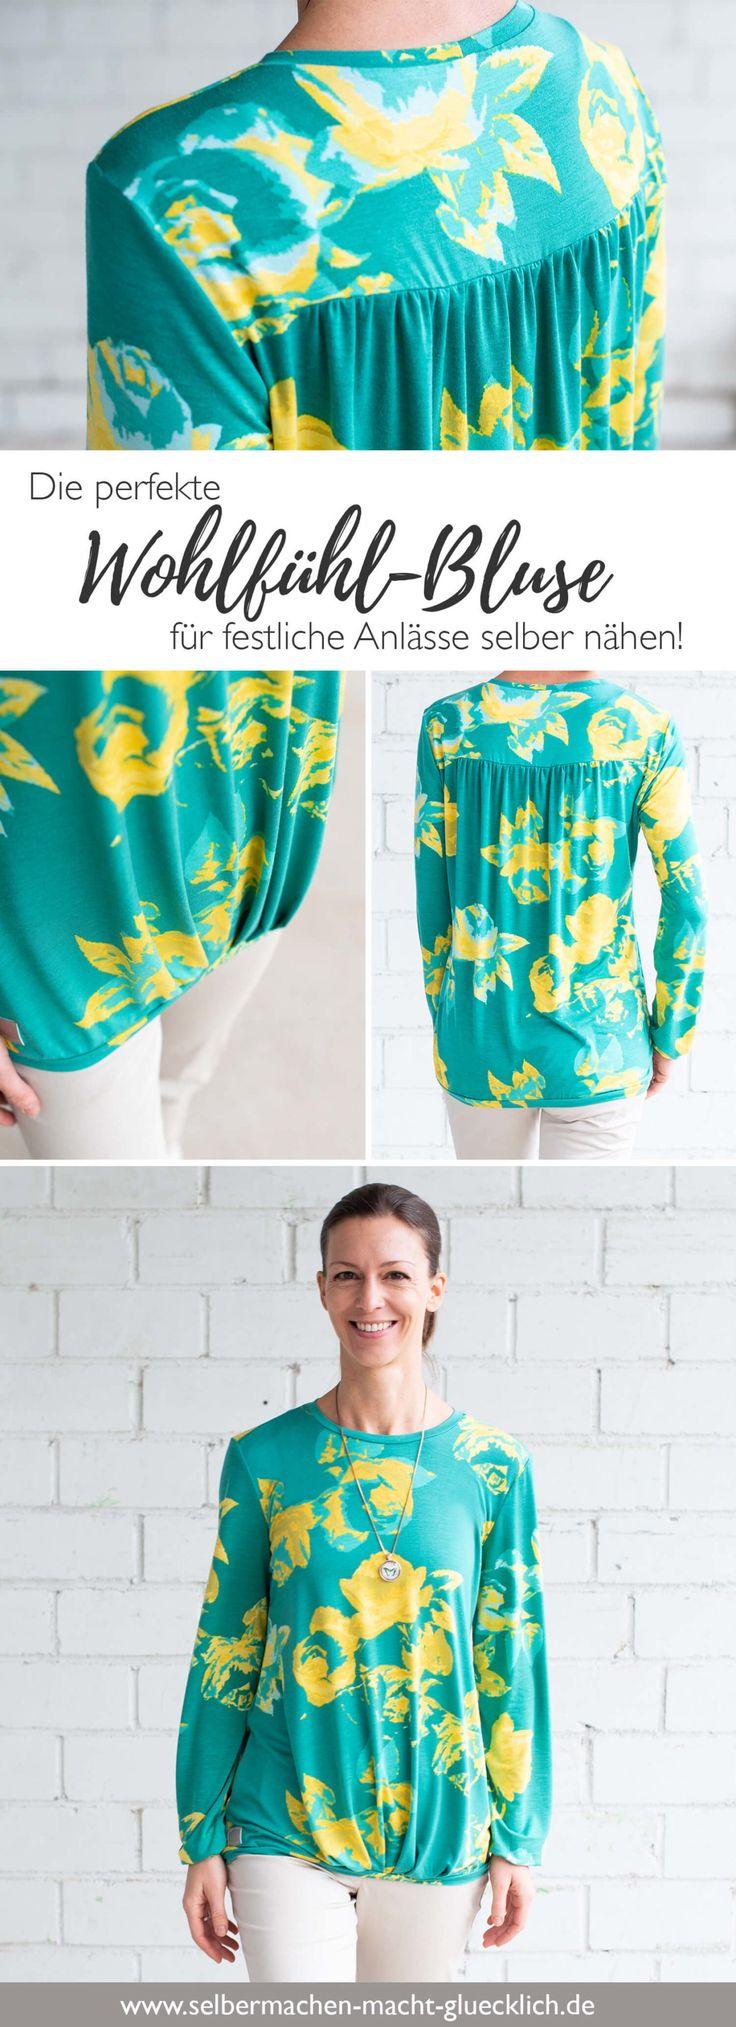 Die perfekte Wohlfühl-Bluse für festliche Anlässe selber nähen!